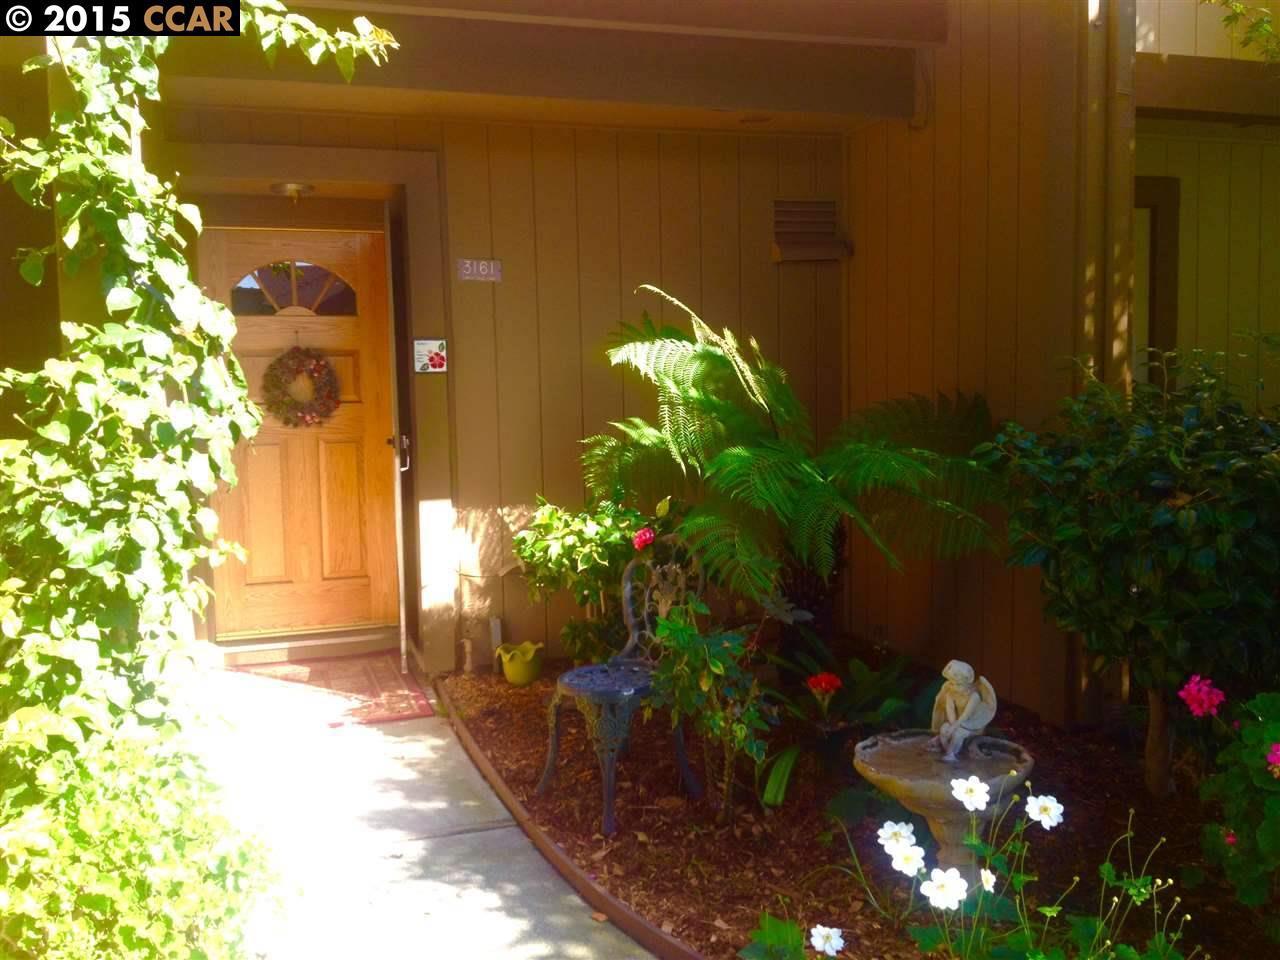 3161 Santa Cruz Ln, Alameda, CA 94502 | MLS# 40722911 | Redfin